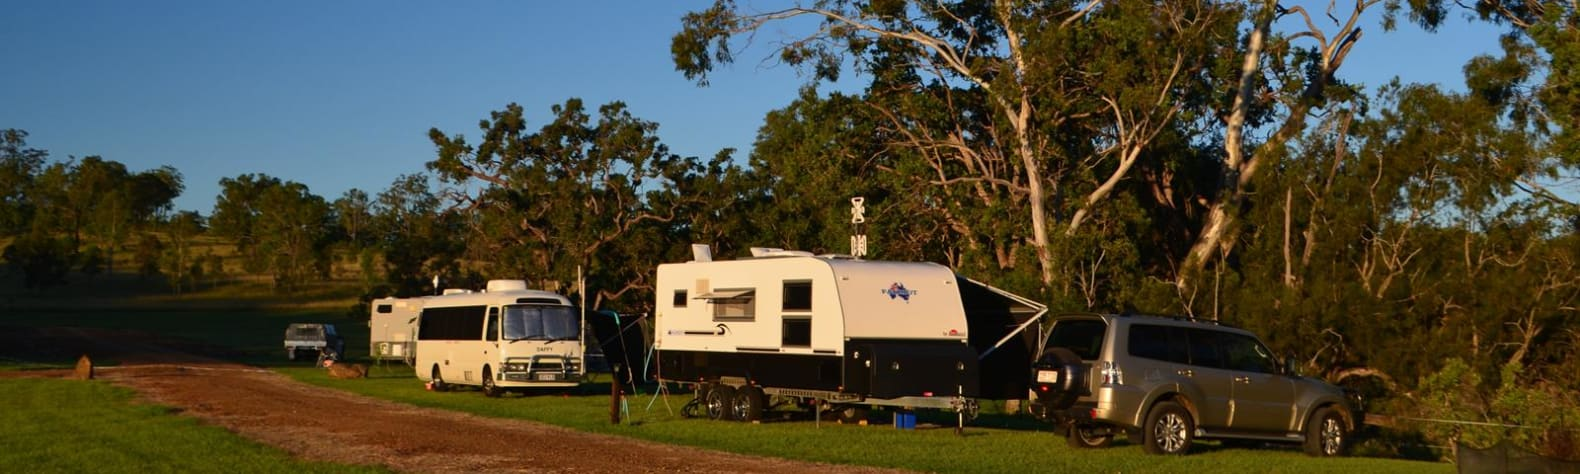 Goomeri Caravan and Bush Camp